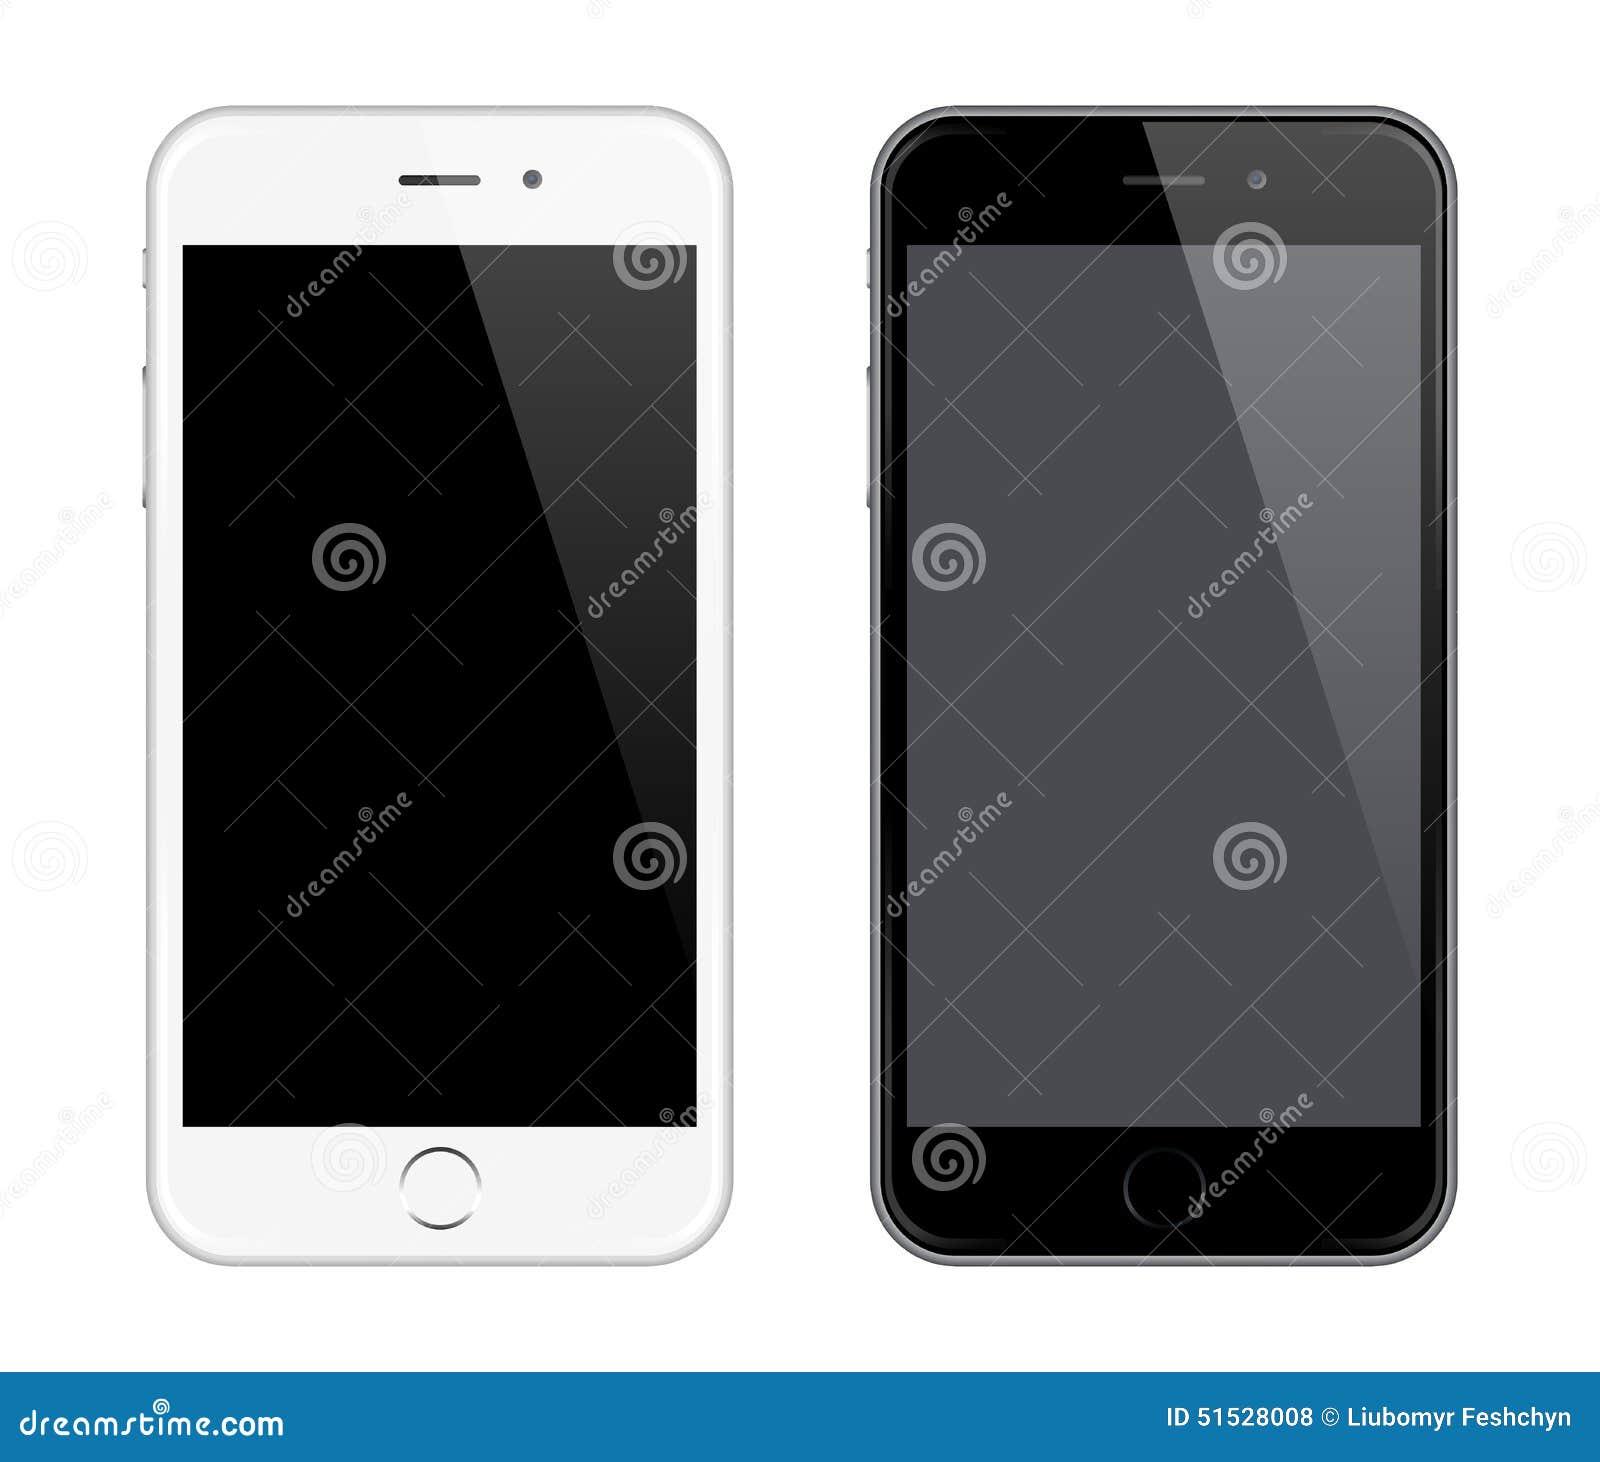 Maqueta realista del teléfono móvil del vector como estilo del diseño de Iphone